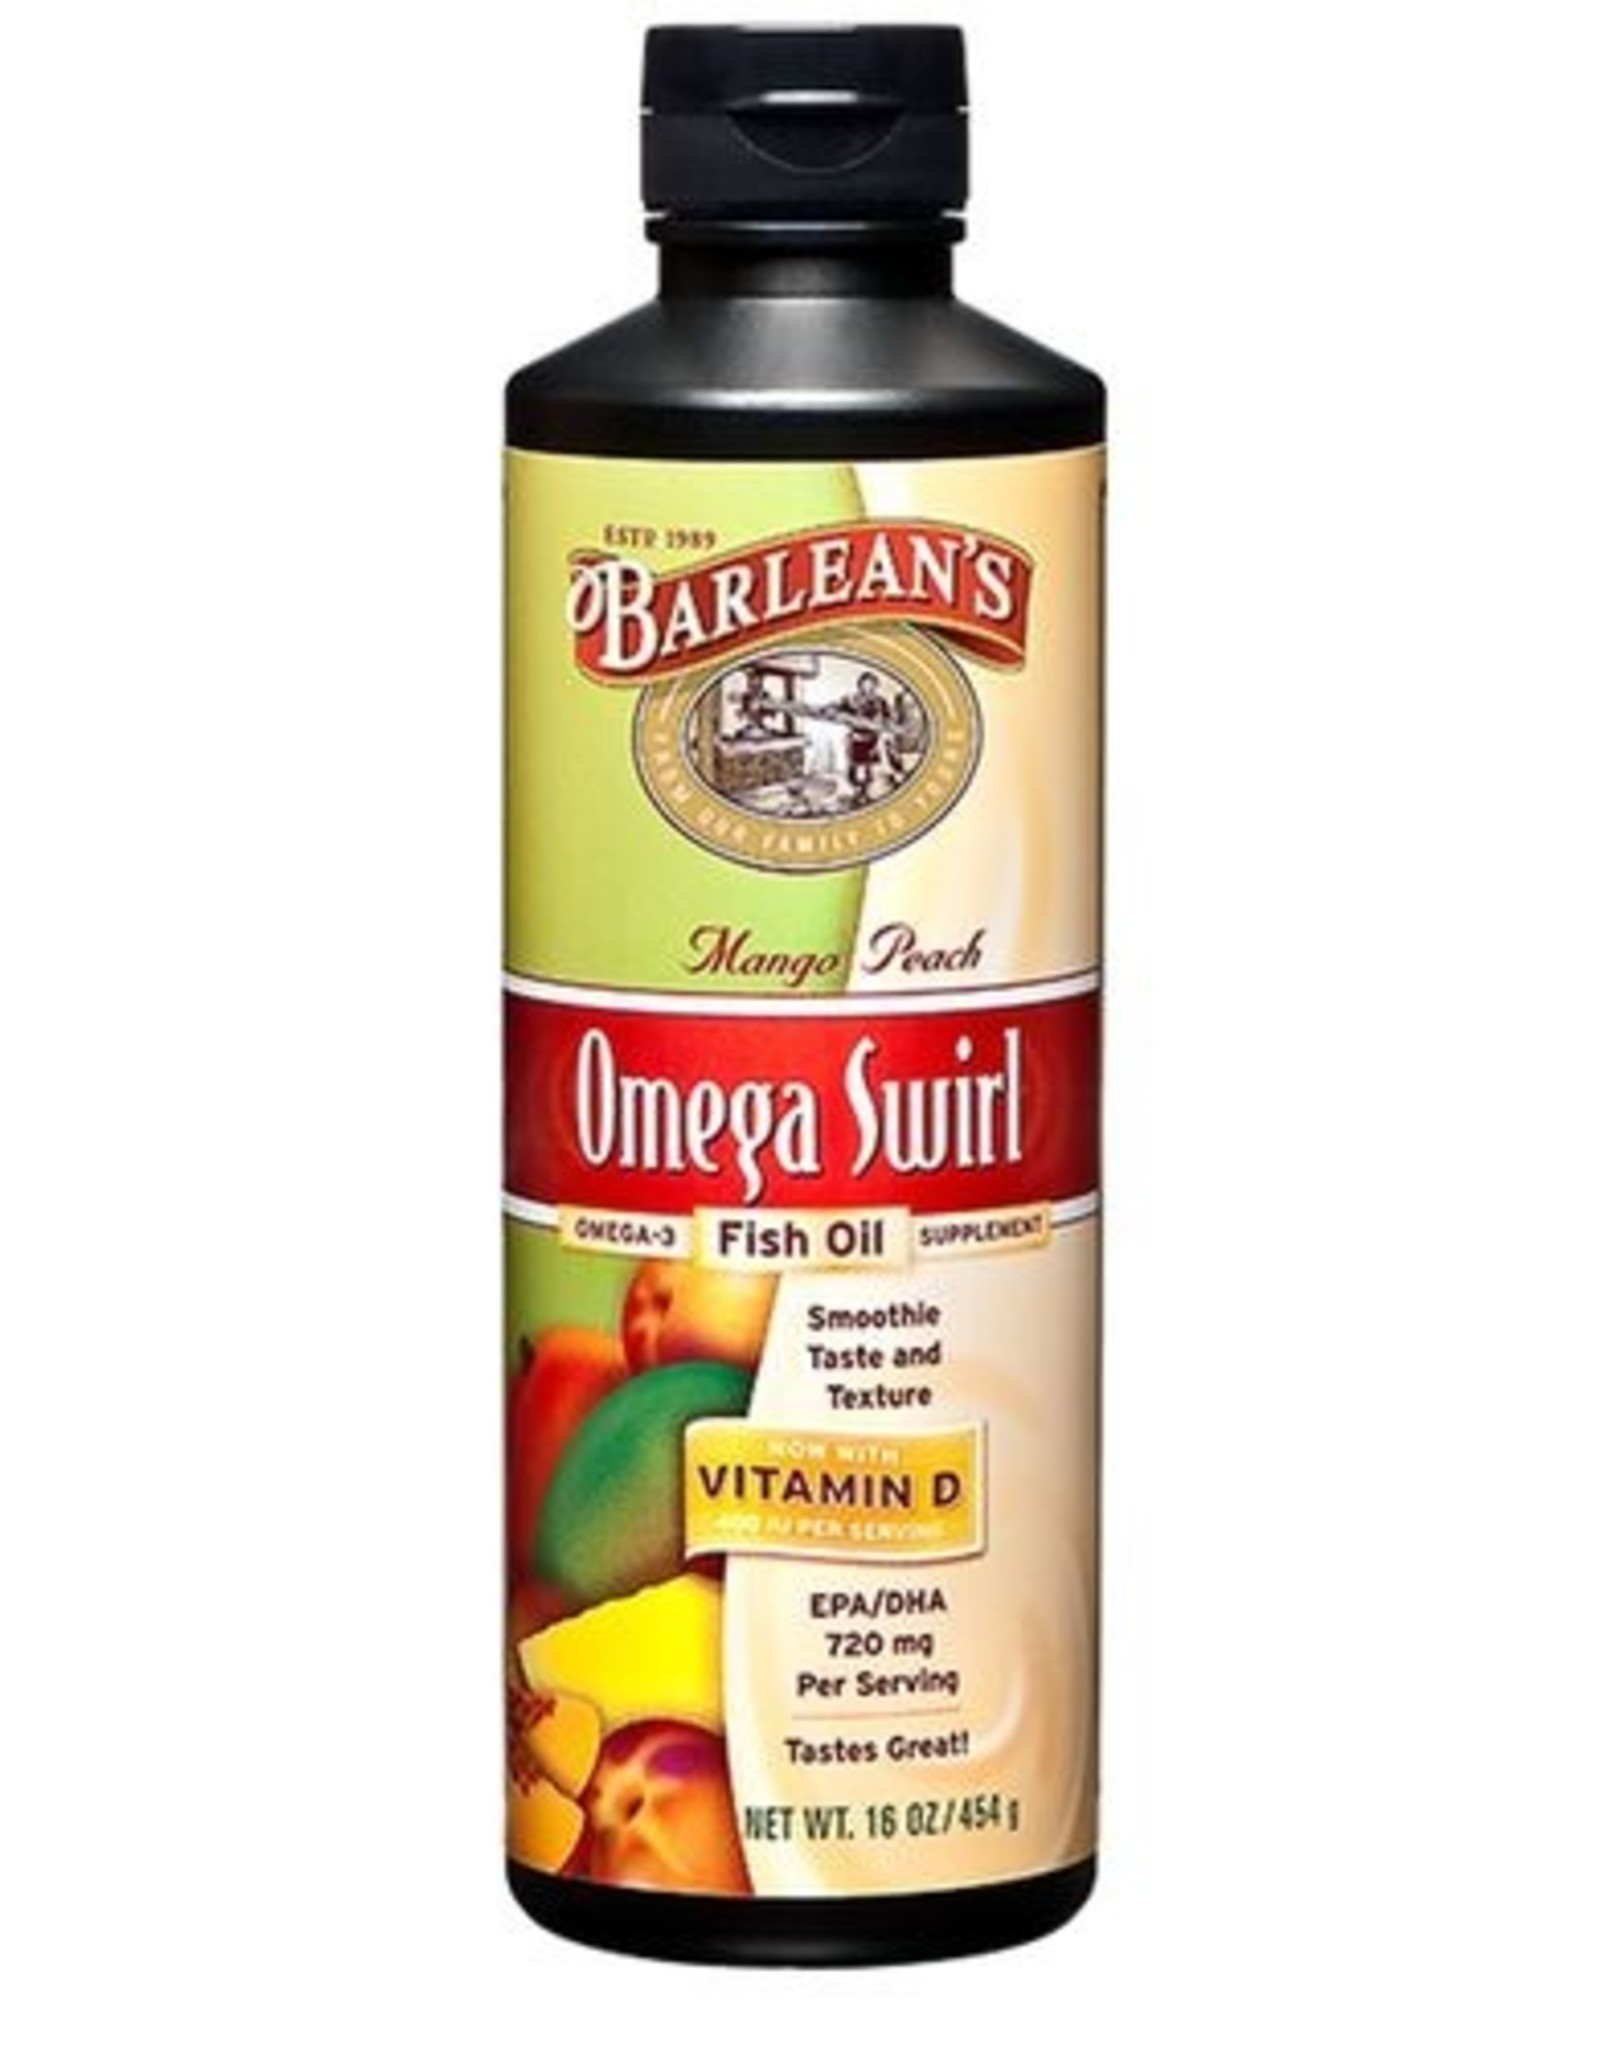 Barlean's Barleans - Omega-3 Fish Oil + D3, Mango & Peach Smoothie (454ml)